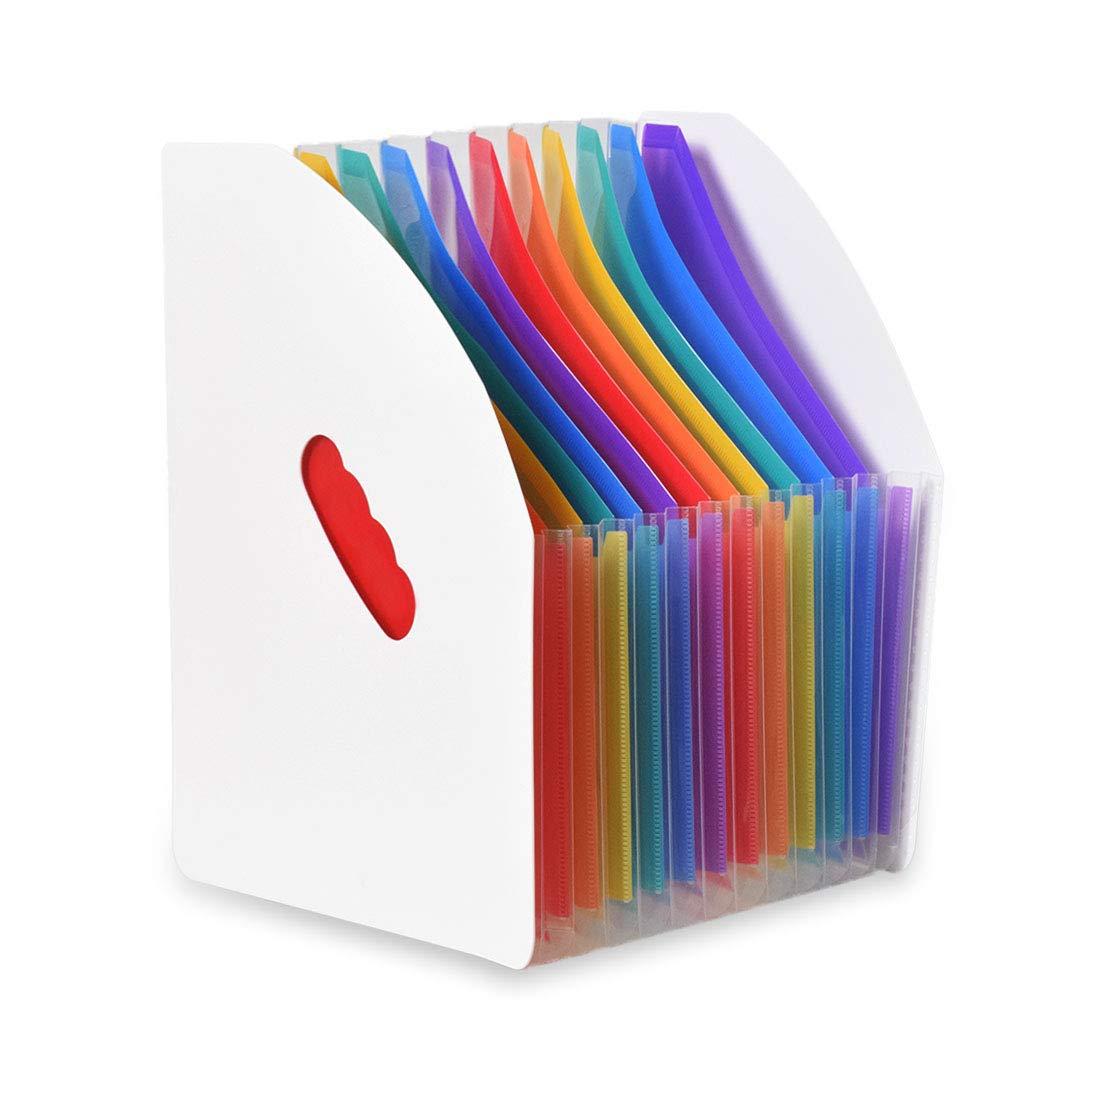 formato A4 Lemical per studenti materiale scolastico rainbow-black portadocumenti in plastica verticale espandibile da scrivania